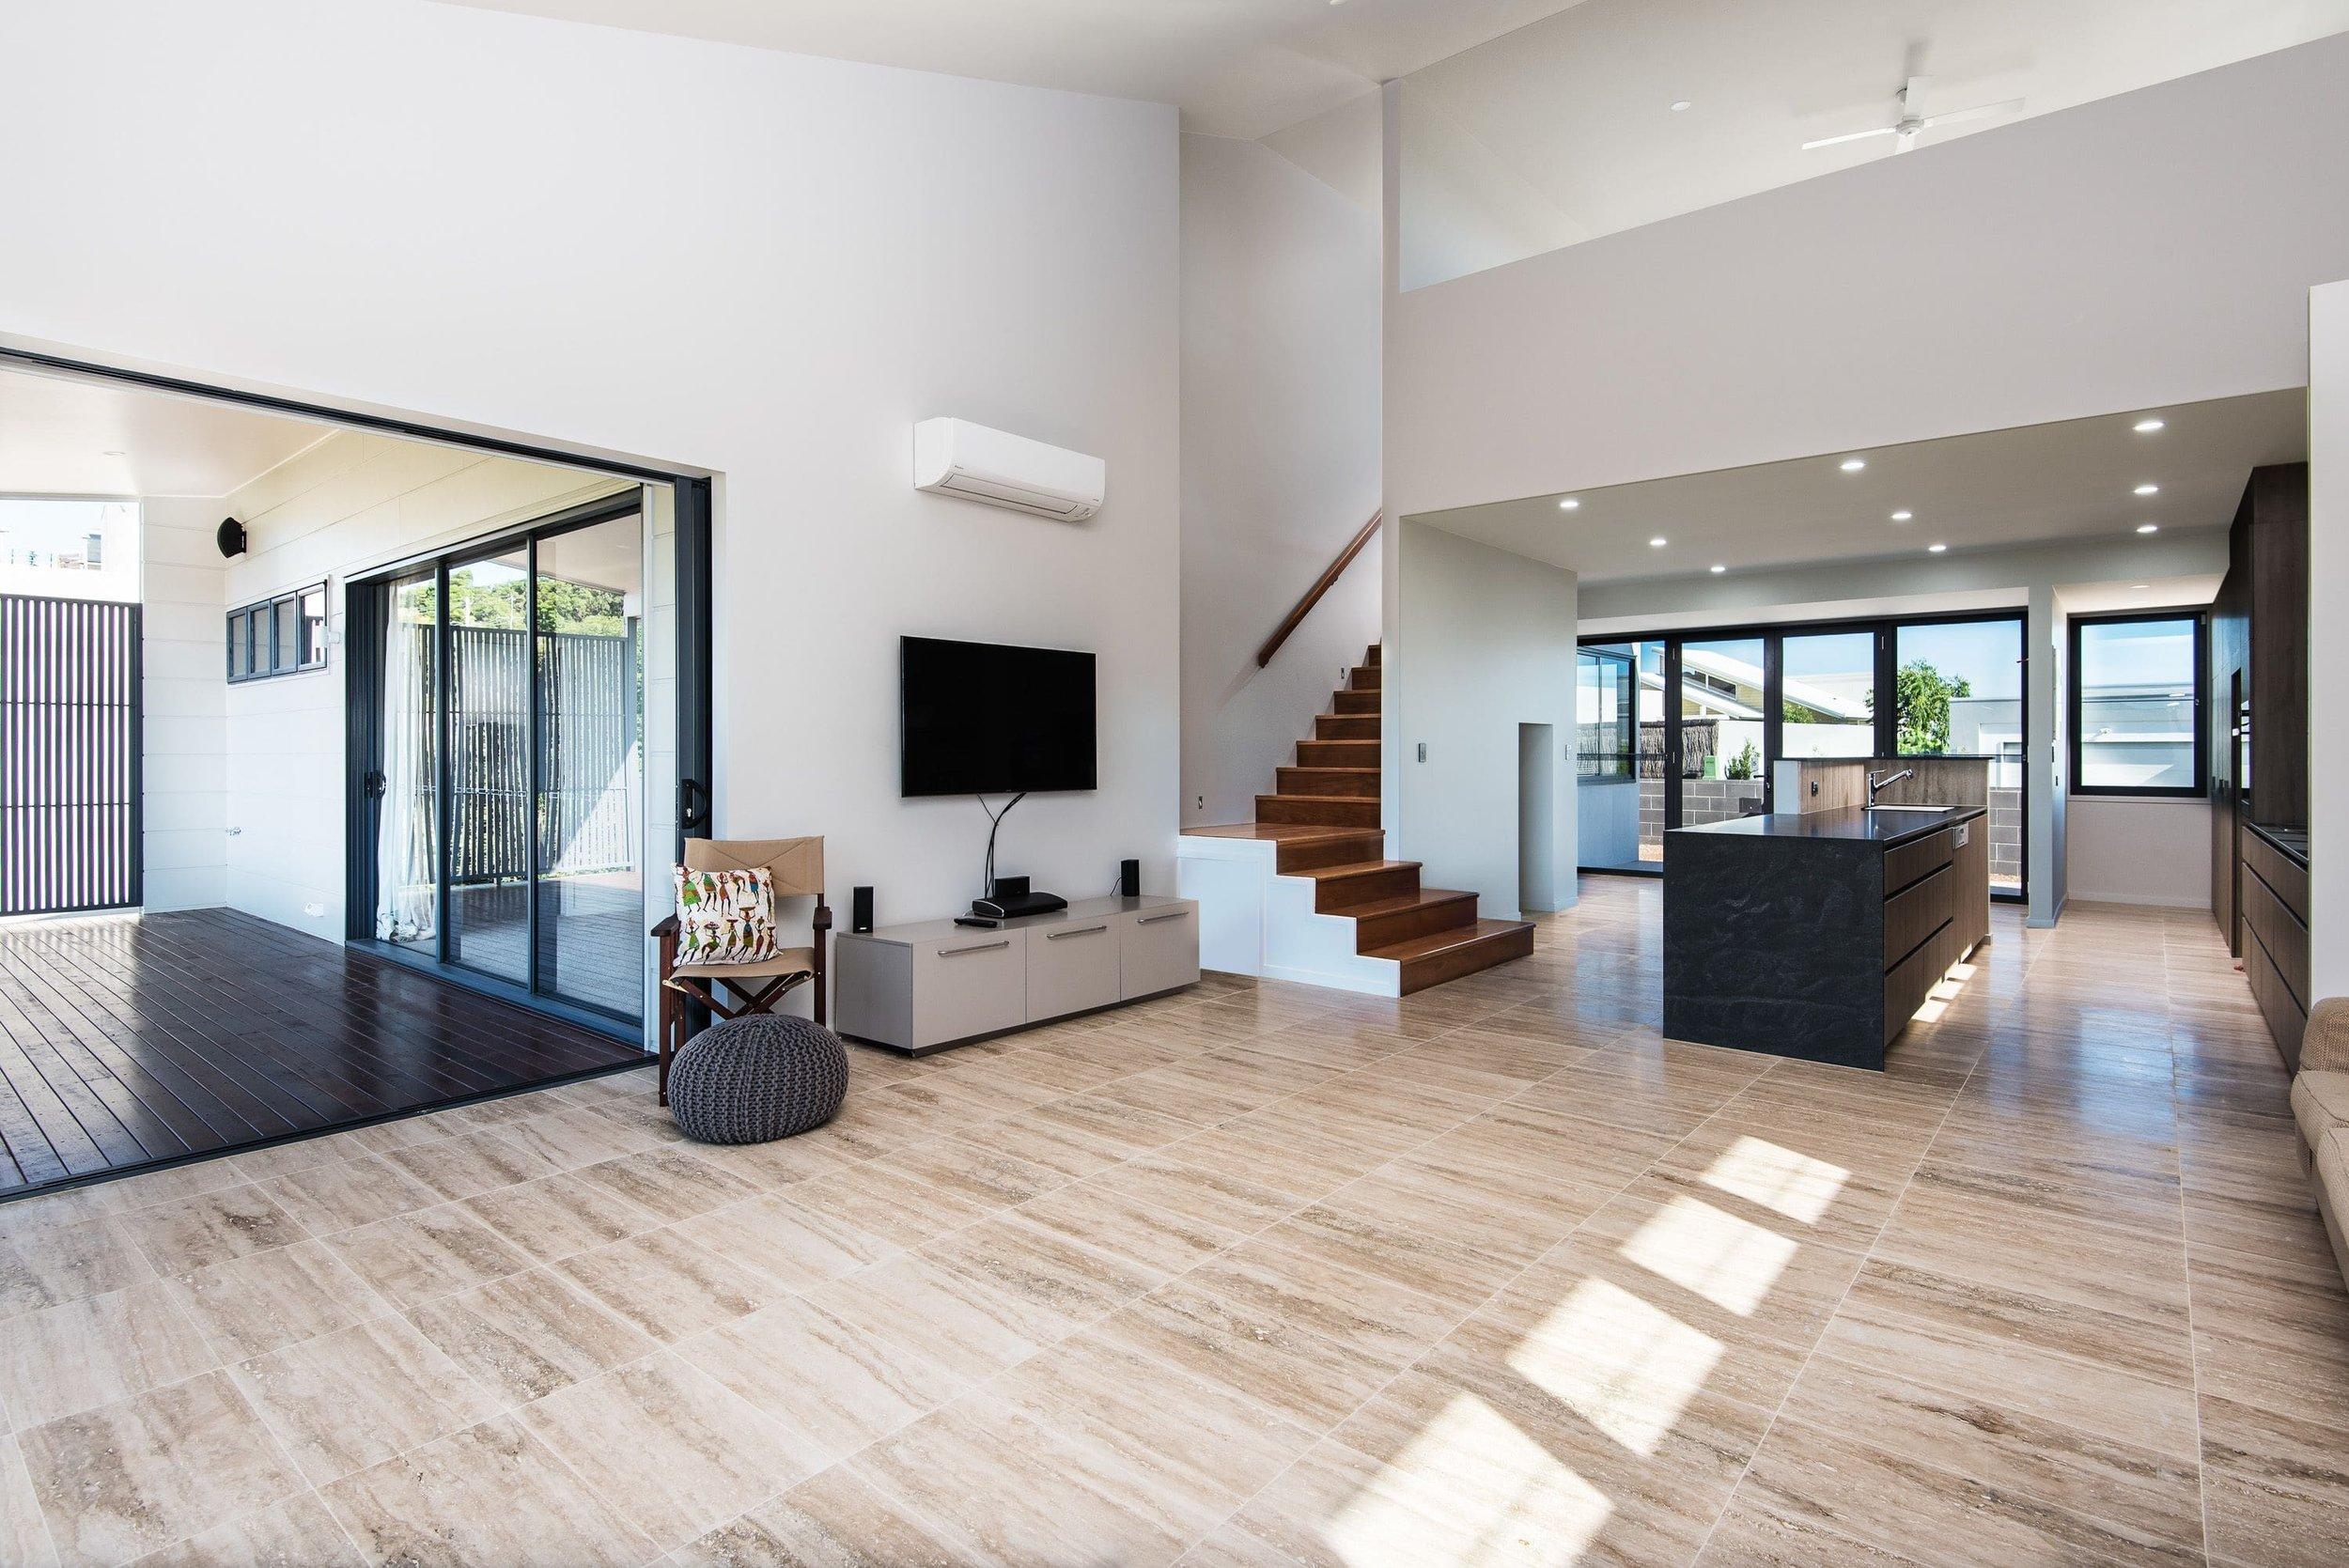 Interior1-min.jpg